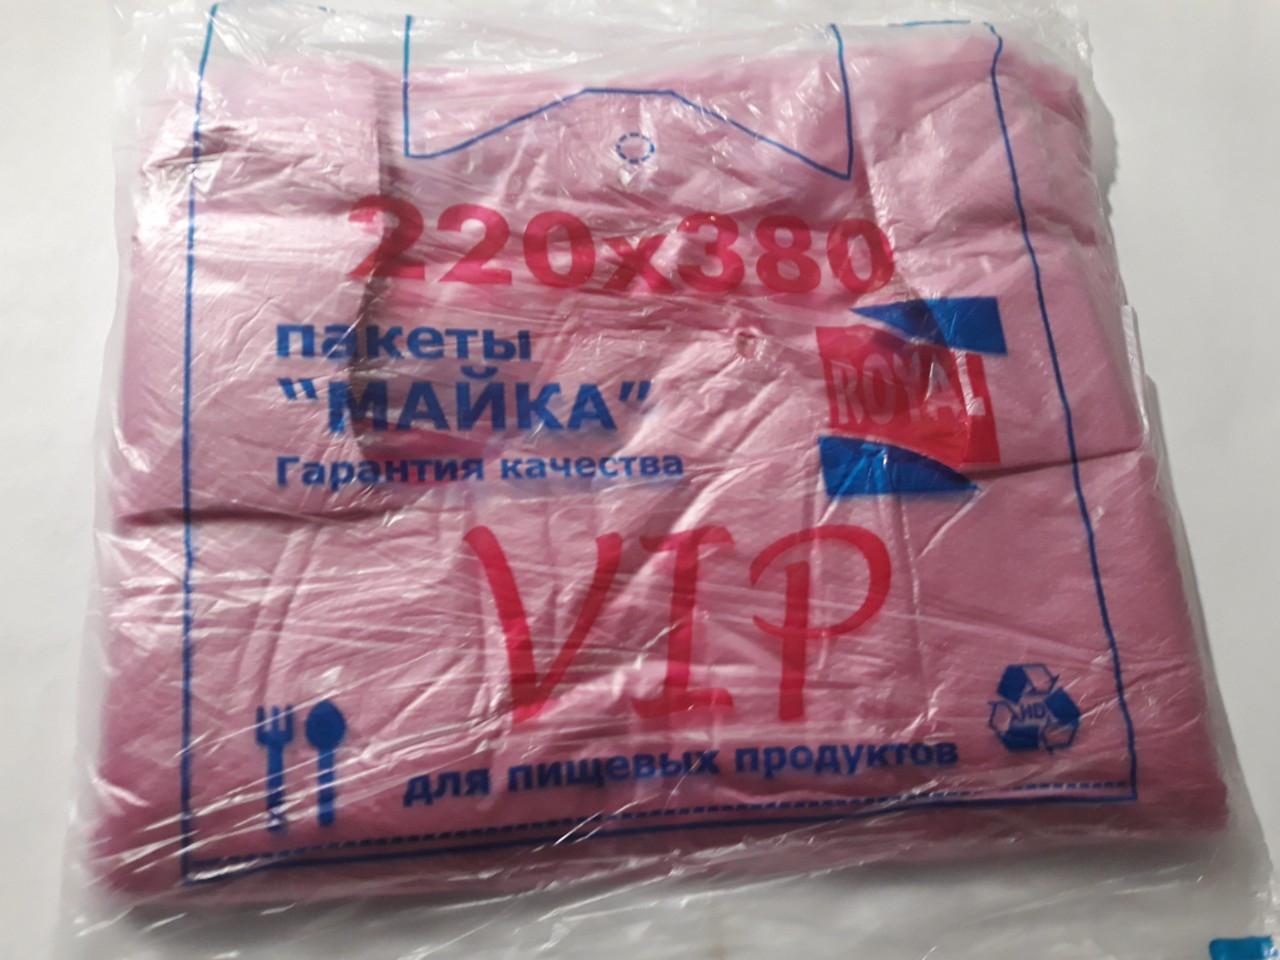 Пакет полиэтиленовый Майка VIP 220*380 мм, 200 шт/упаковка